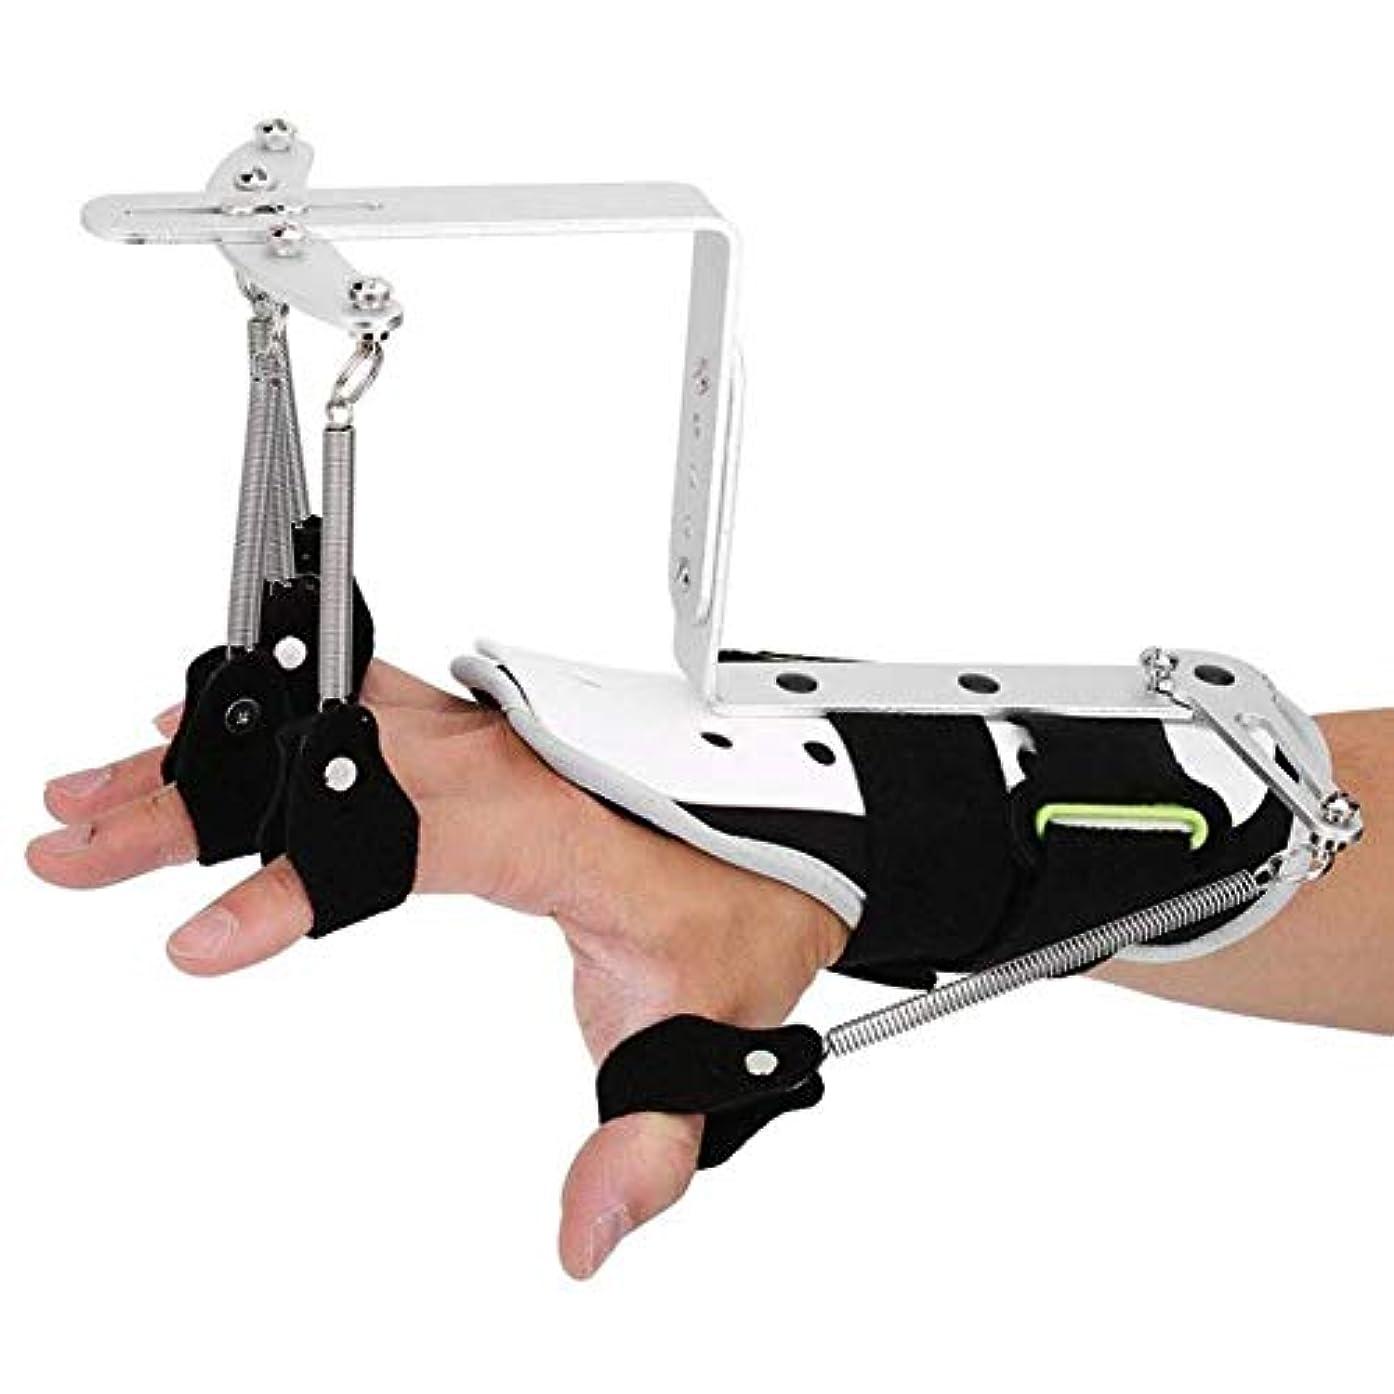 傀儡圧倒的ディプロマ指の怪我のサポート、関節炎用の中立2本指片麻痺リハビリテーション機器用の指副木